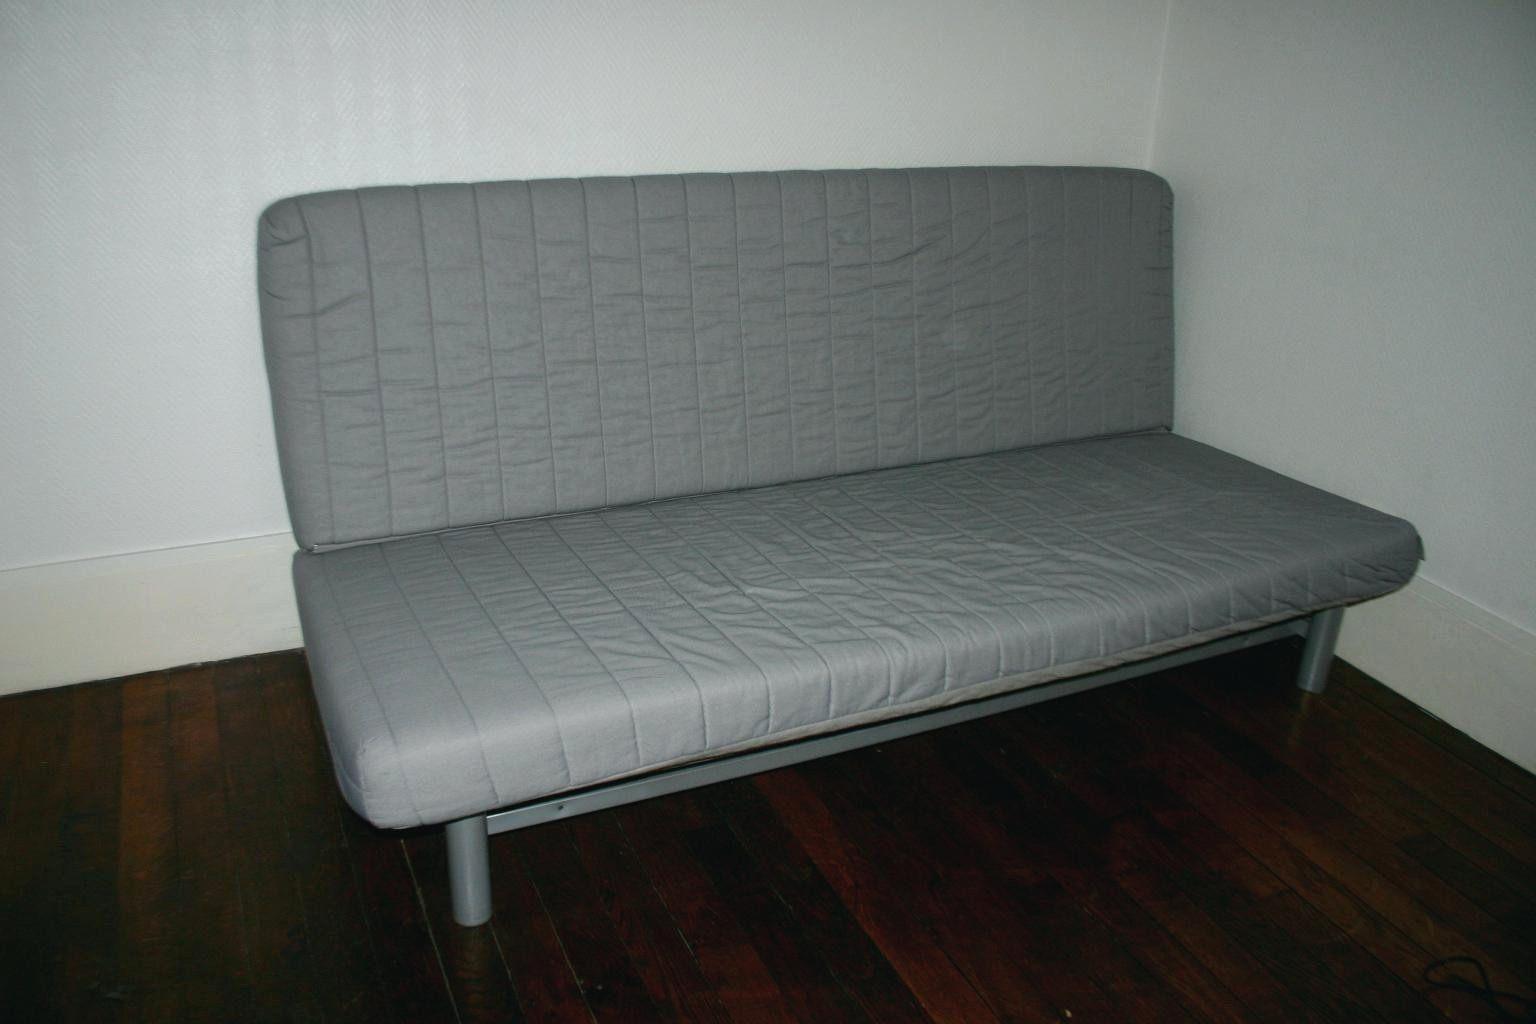 Lit En Fer forgé Ikea Impressionnant Canap Canap Bz Ikea Belle Canap Canap Design Pas Cher Belle Avec